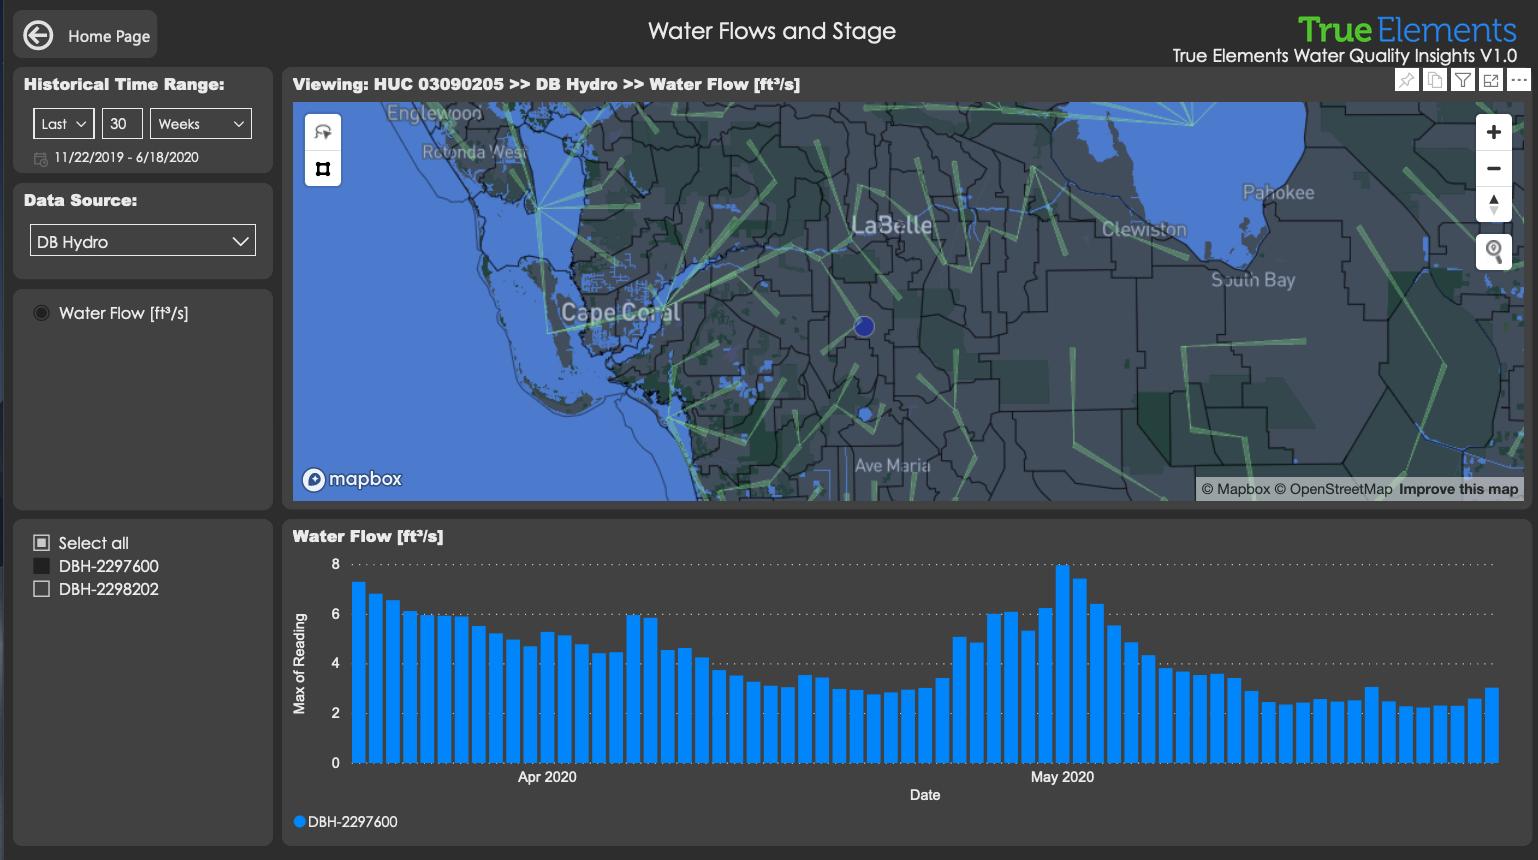 trueelements-true-elements-water-forecast-water-flows-storage